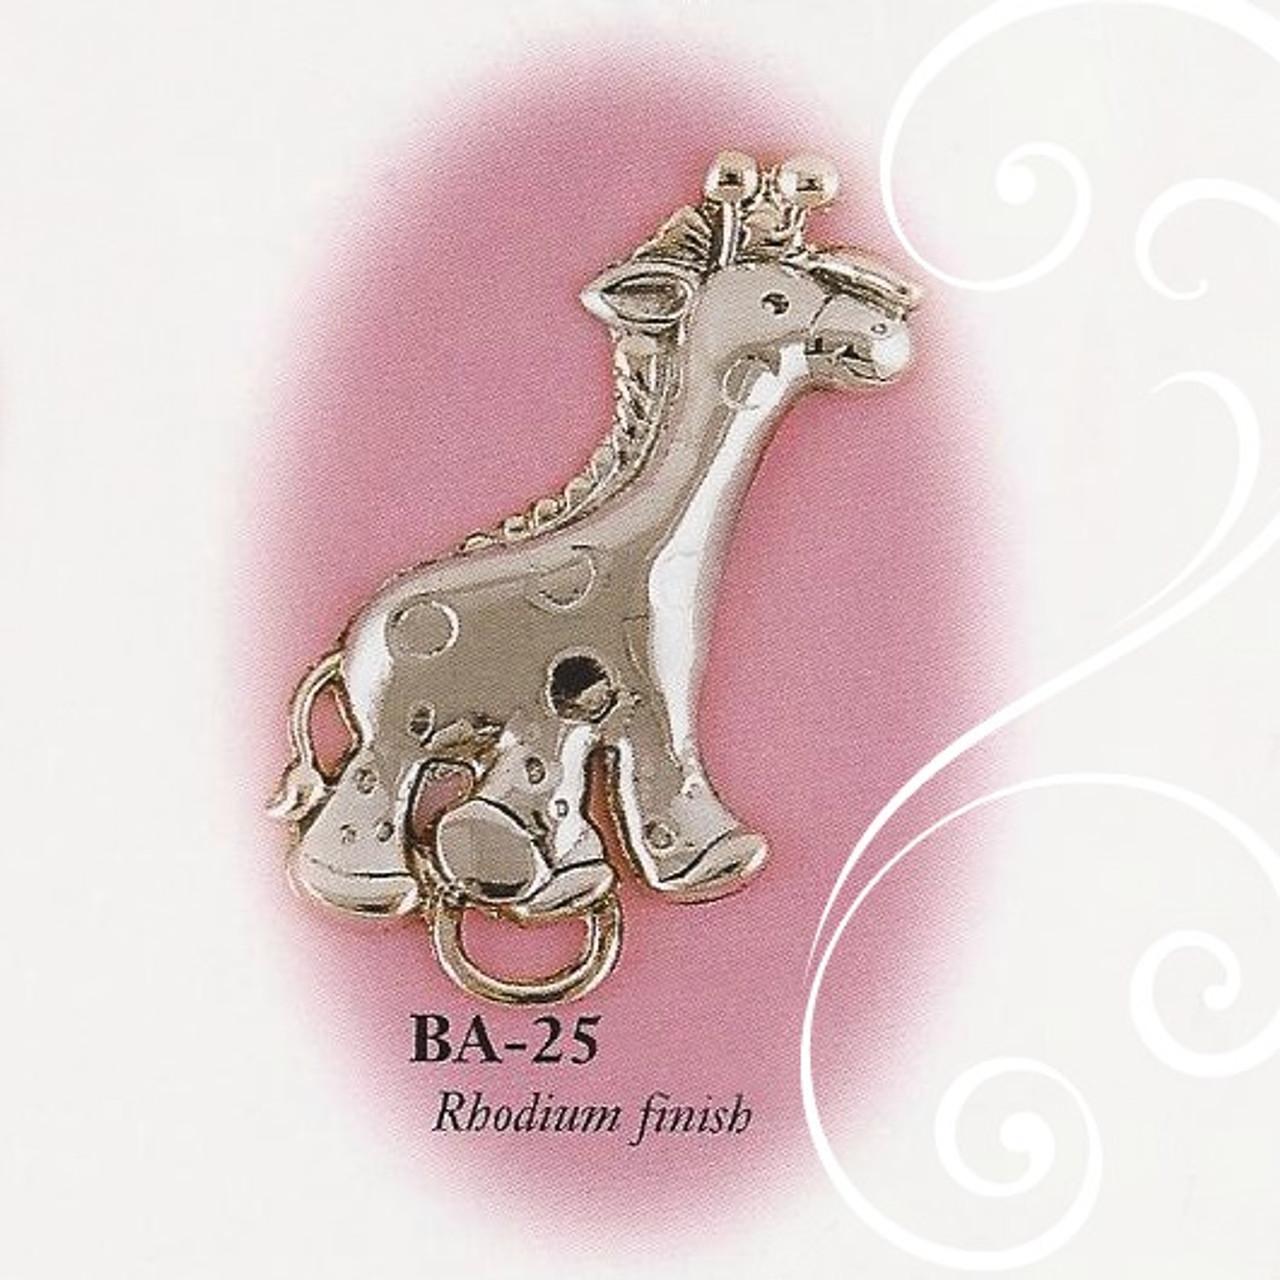 BA-25 Giraffe Paci Holder